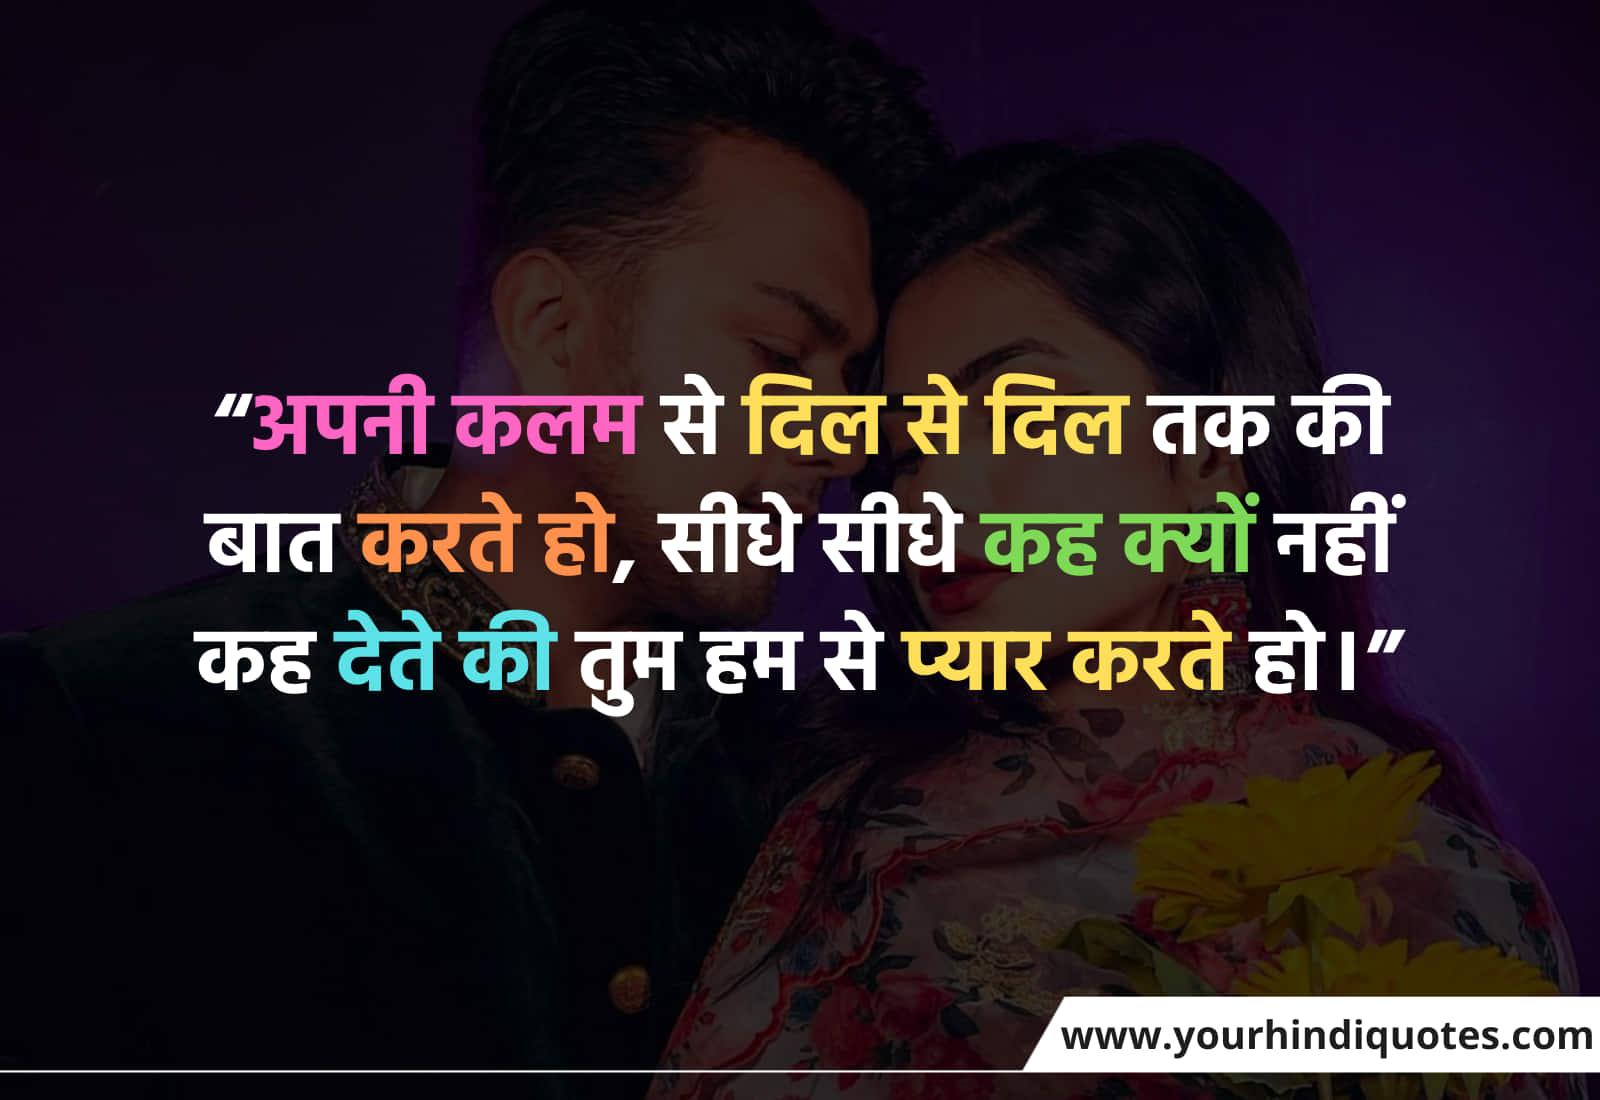 Shayari Status For Life